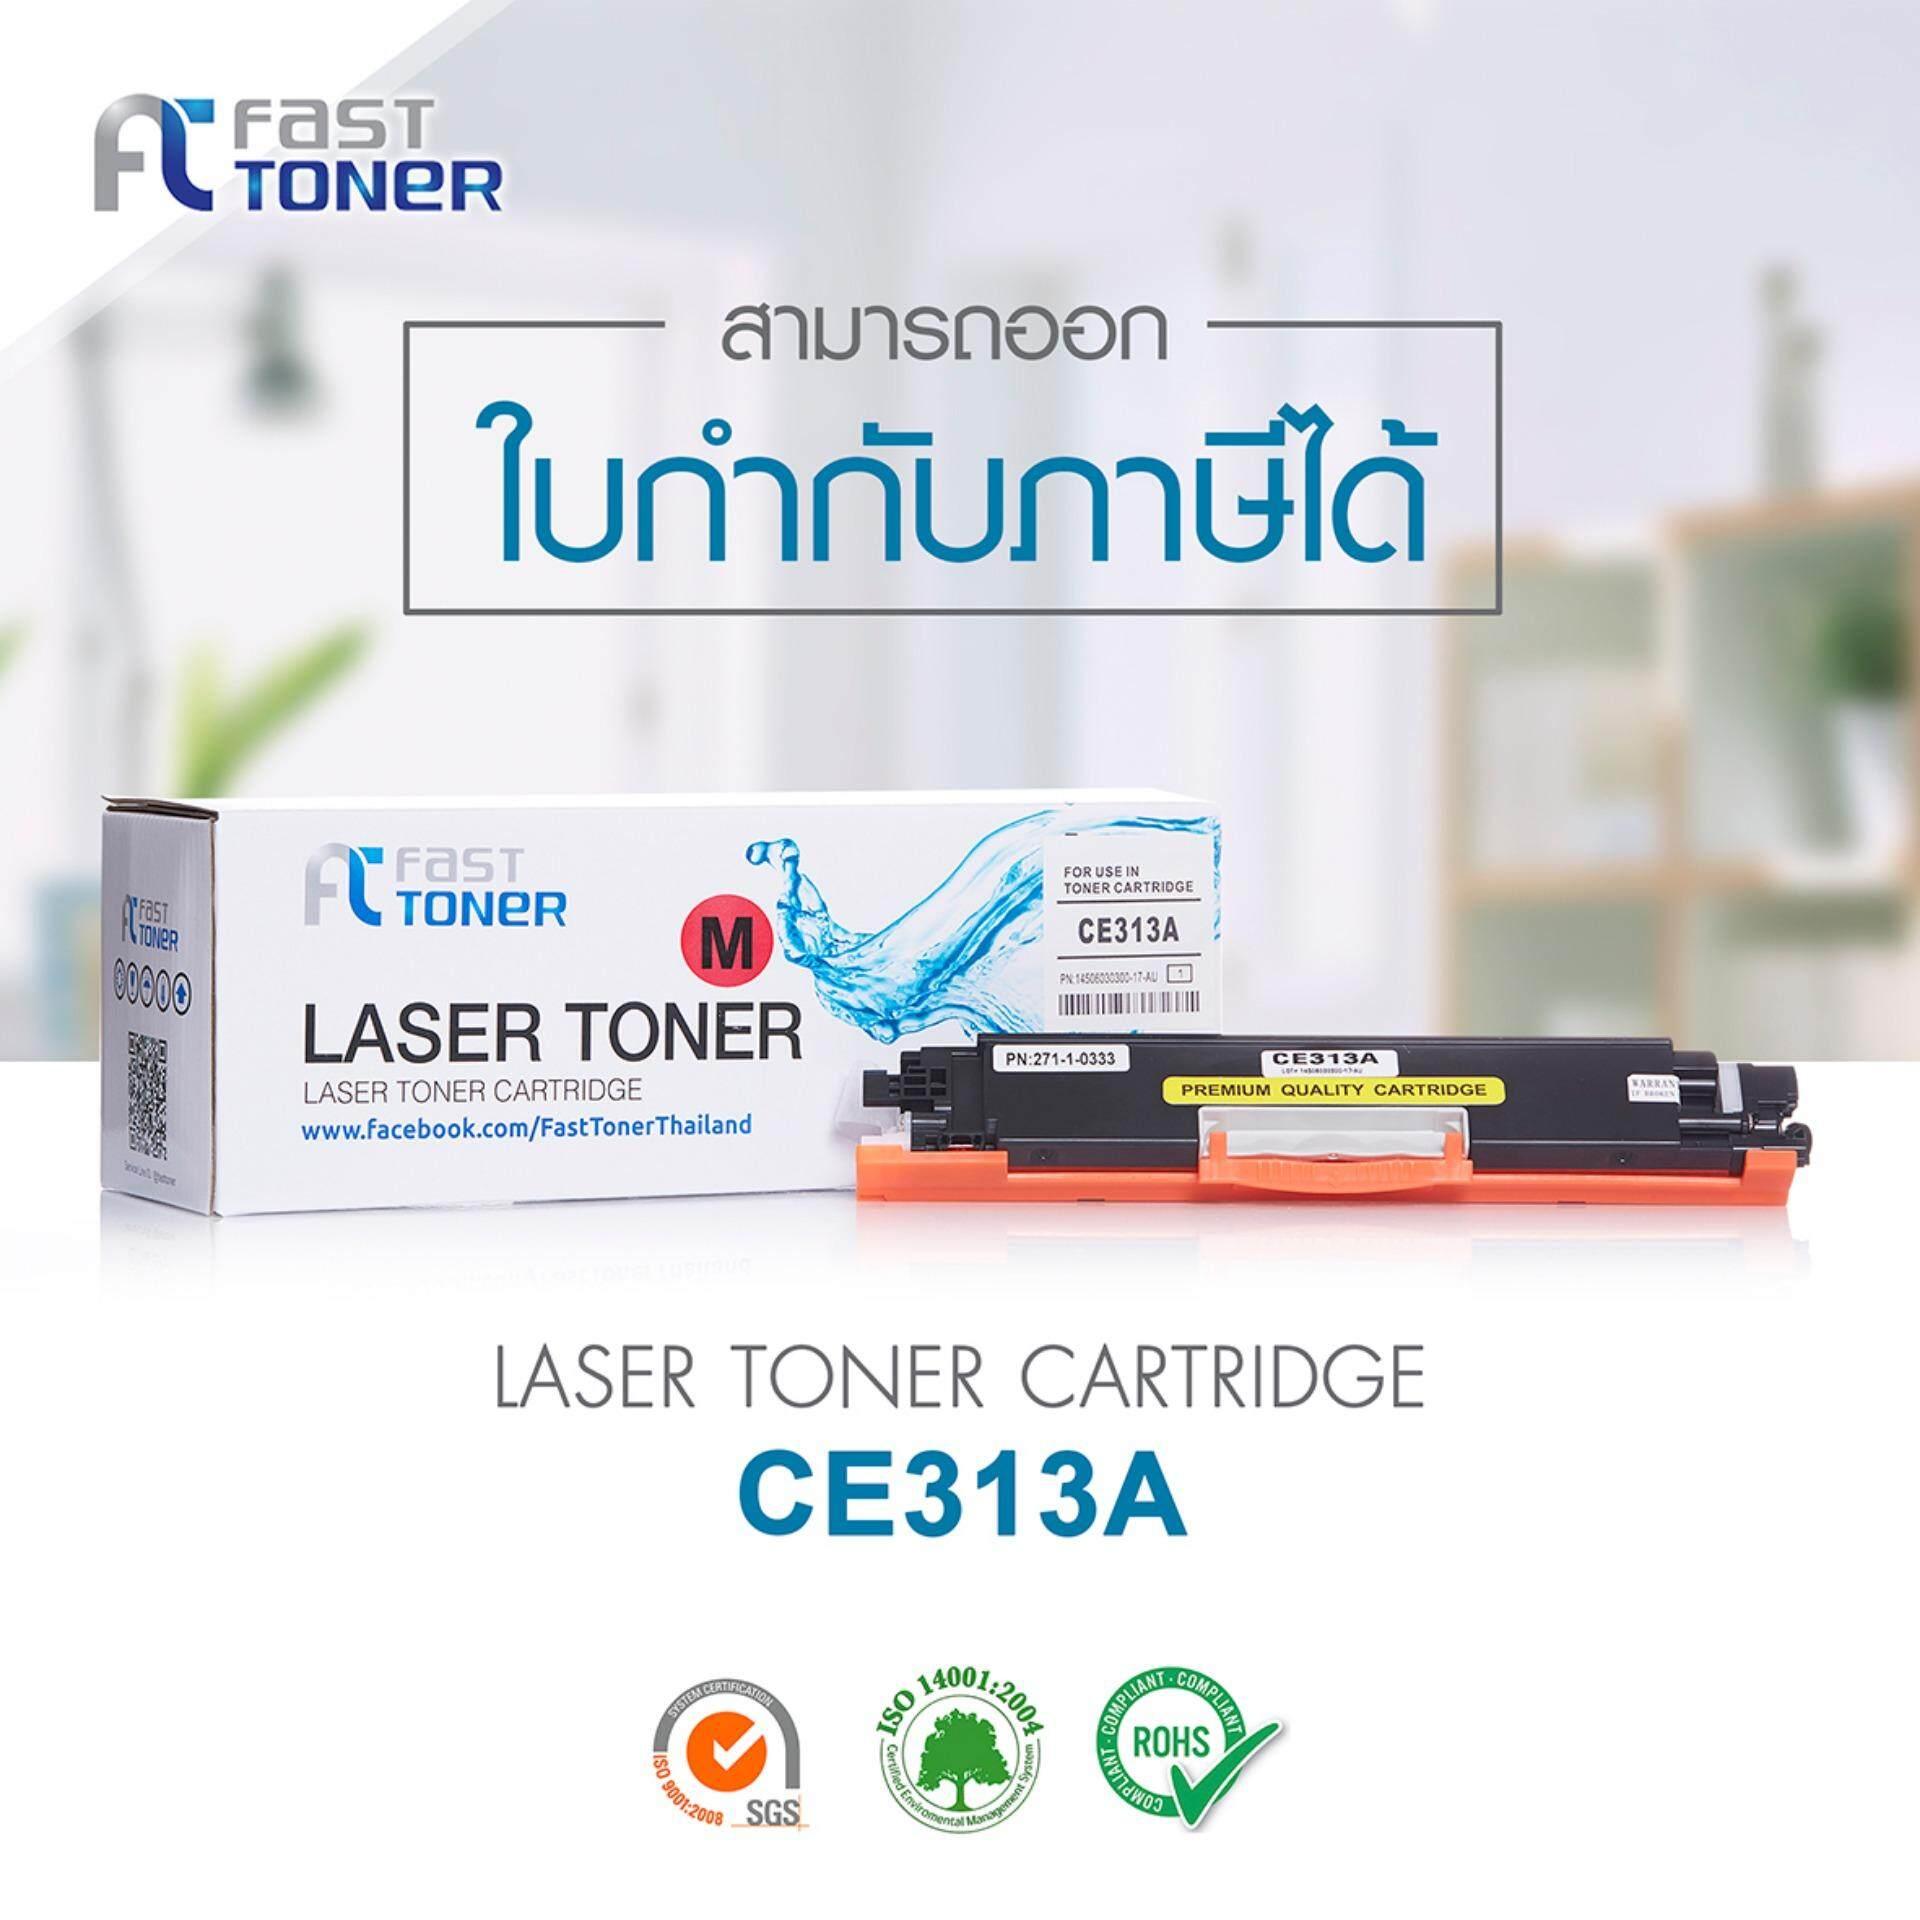 ราคา Fast Toner Hp ตลับหมึกเลเซอร์เทียบเท่า 126A รุ่น Ce313A Magenta สำหรับเครื่องพิมพ์ Hp Laserjet Printer Cp1025 Cp1025Nw M175Nw Canon Lbp 7010C 7018C ออนไลน์